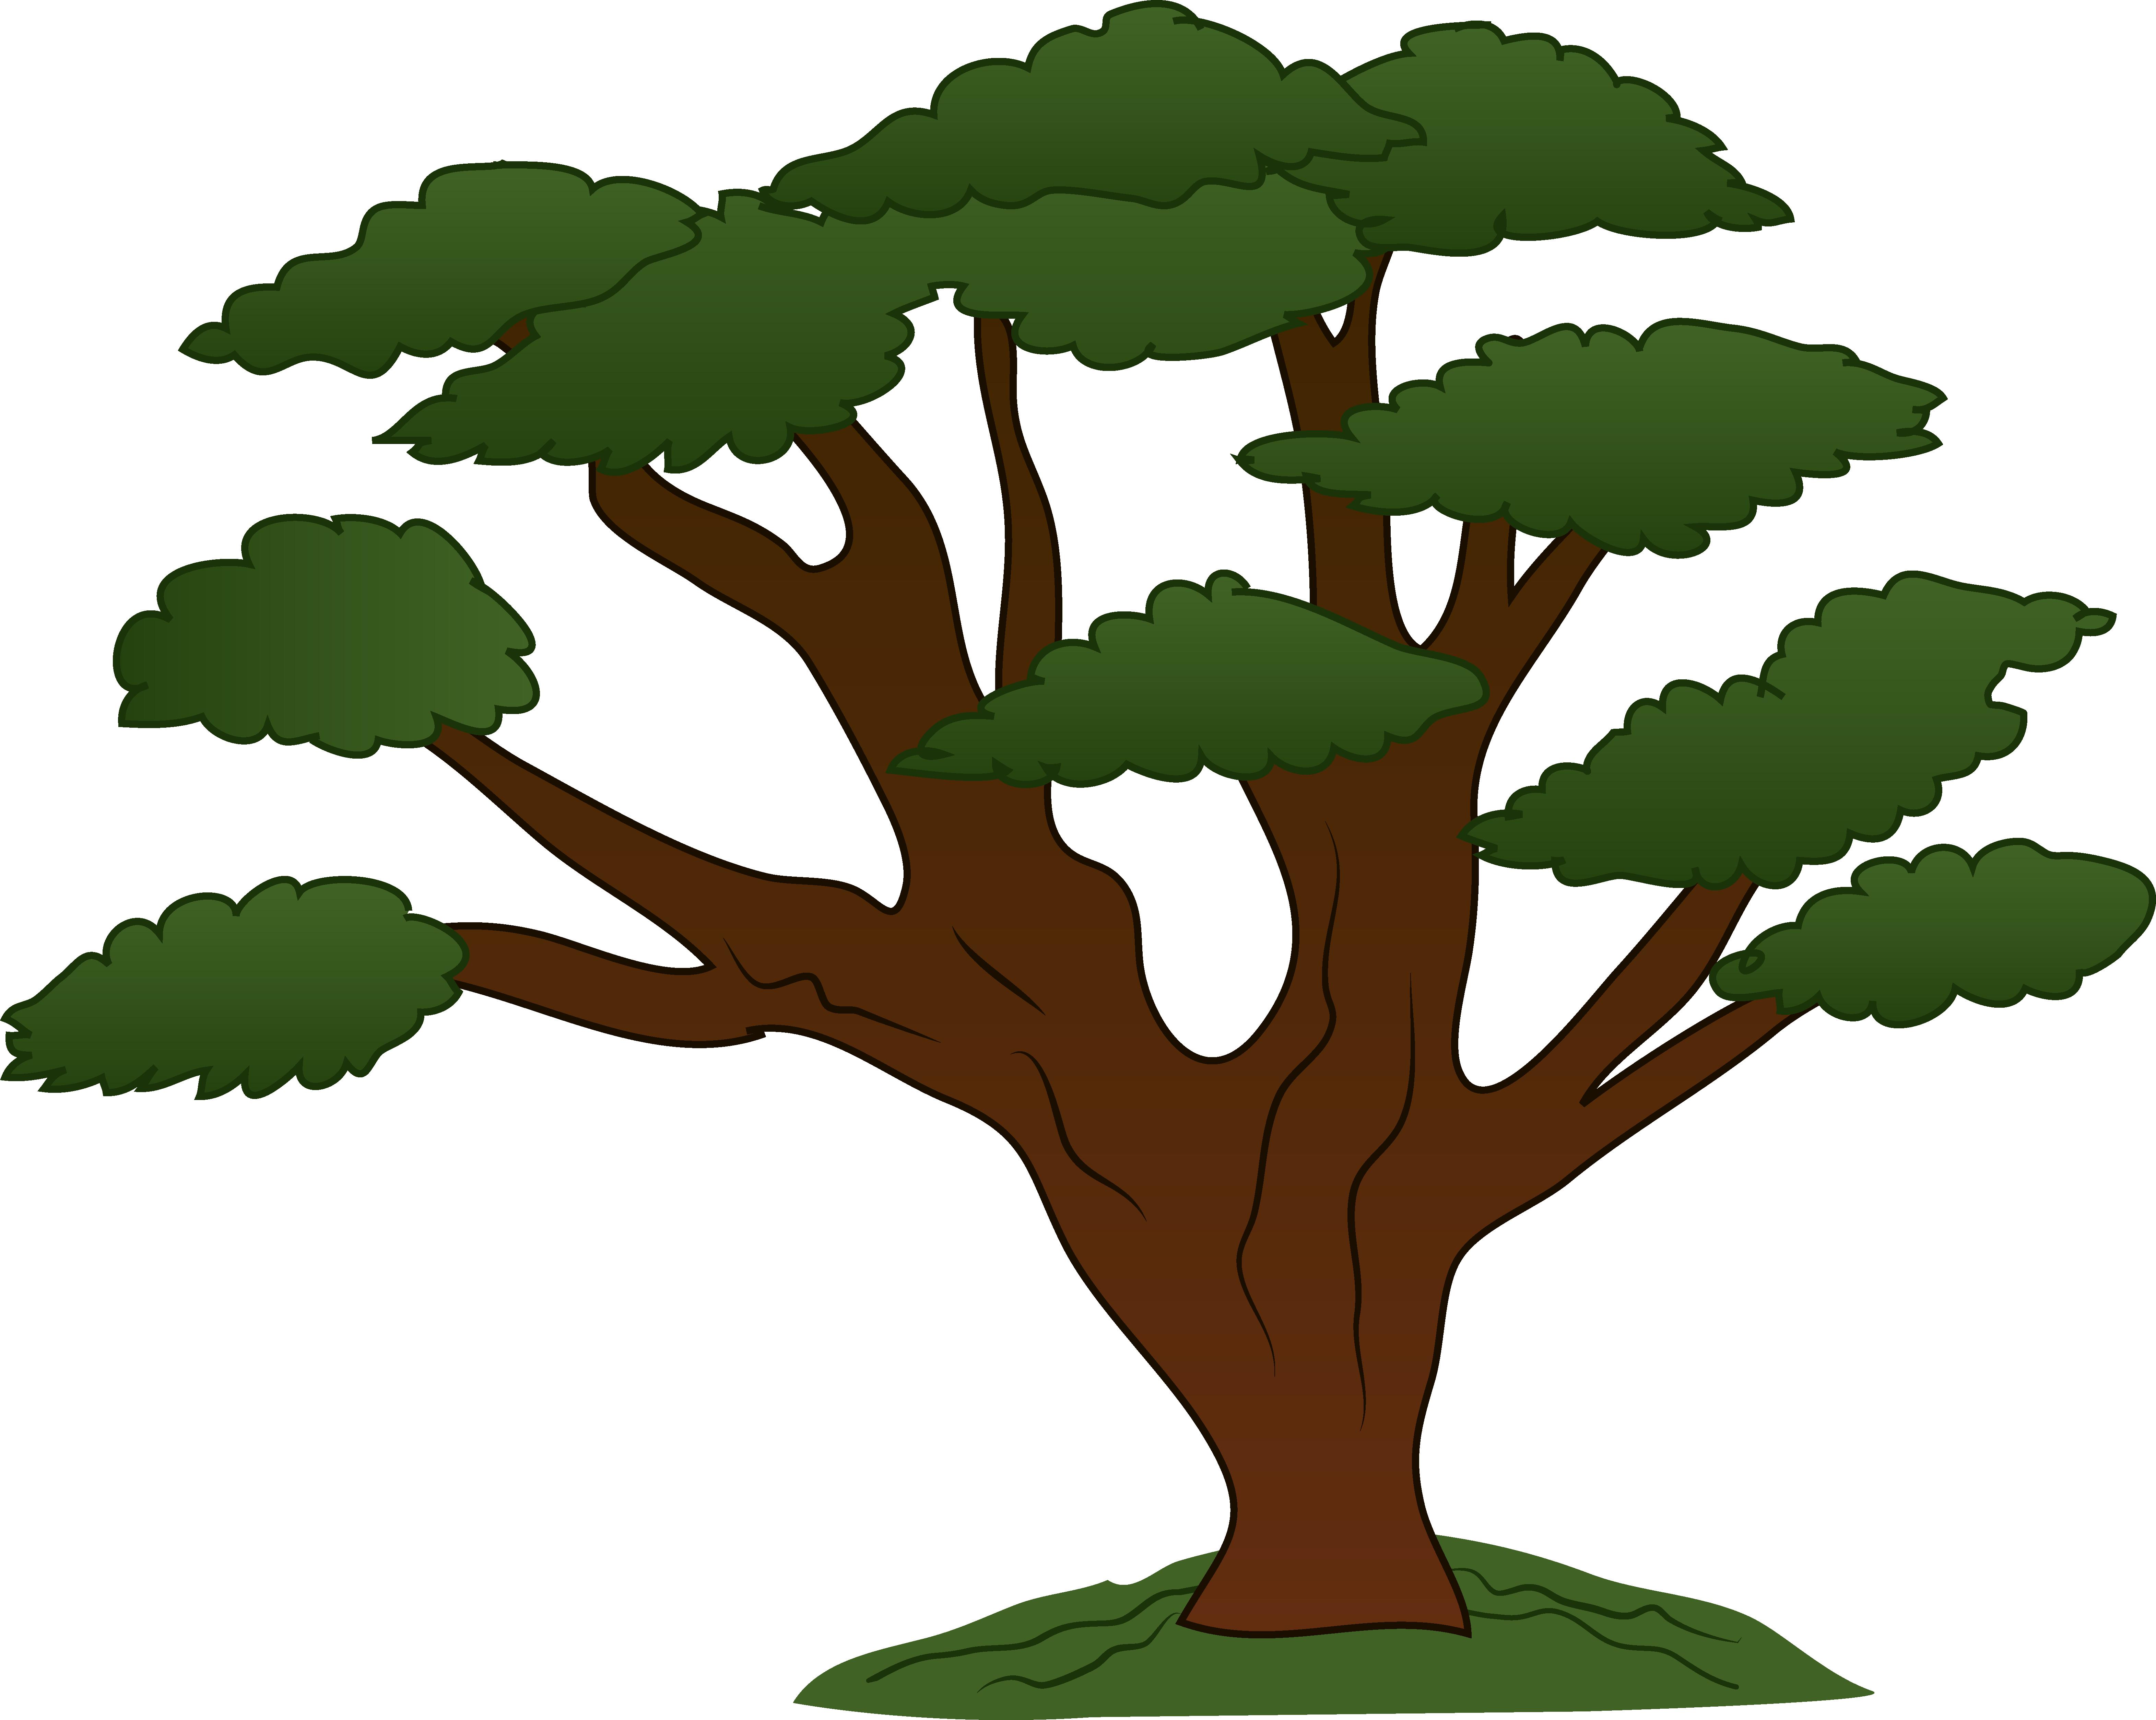 Trees Family Tree Clipart Free Clipart I-Trees family tree clipart free clipart images cliparting-18